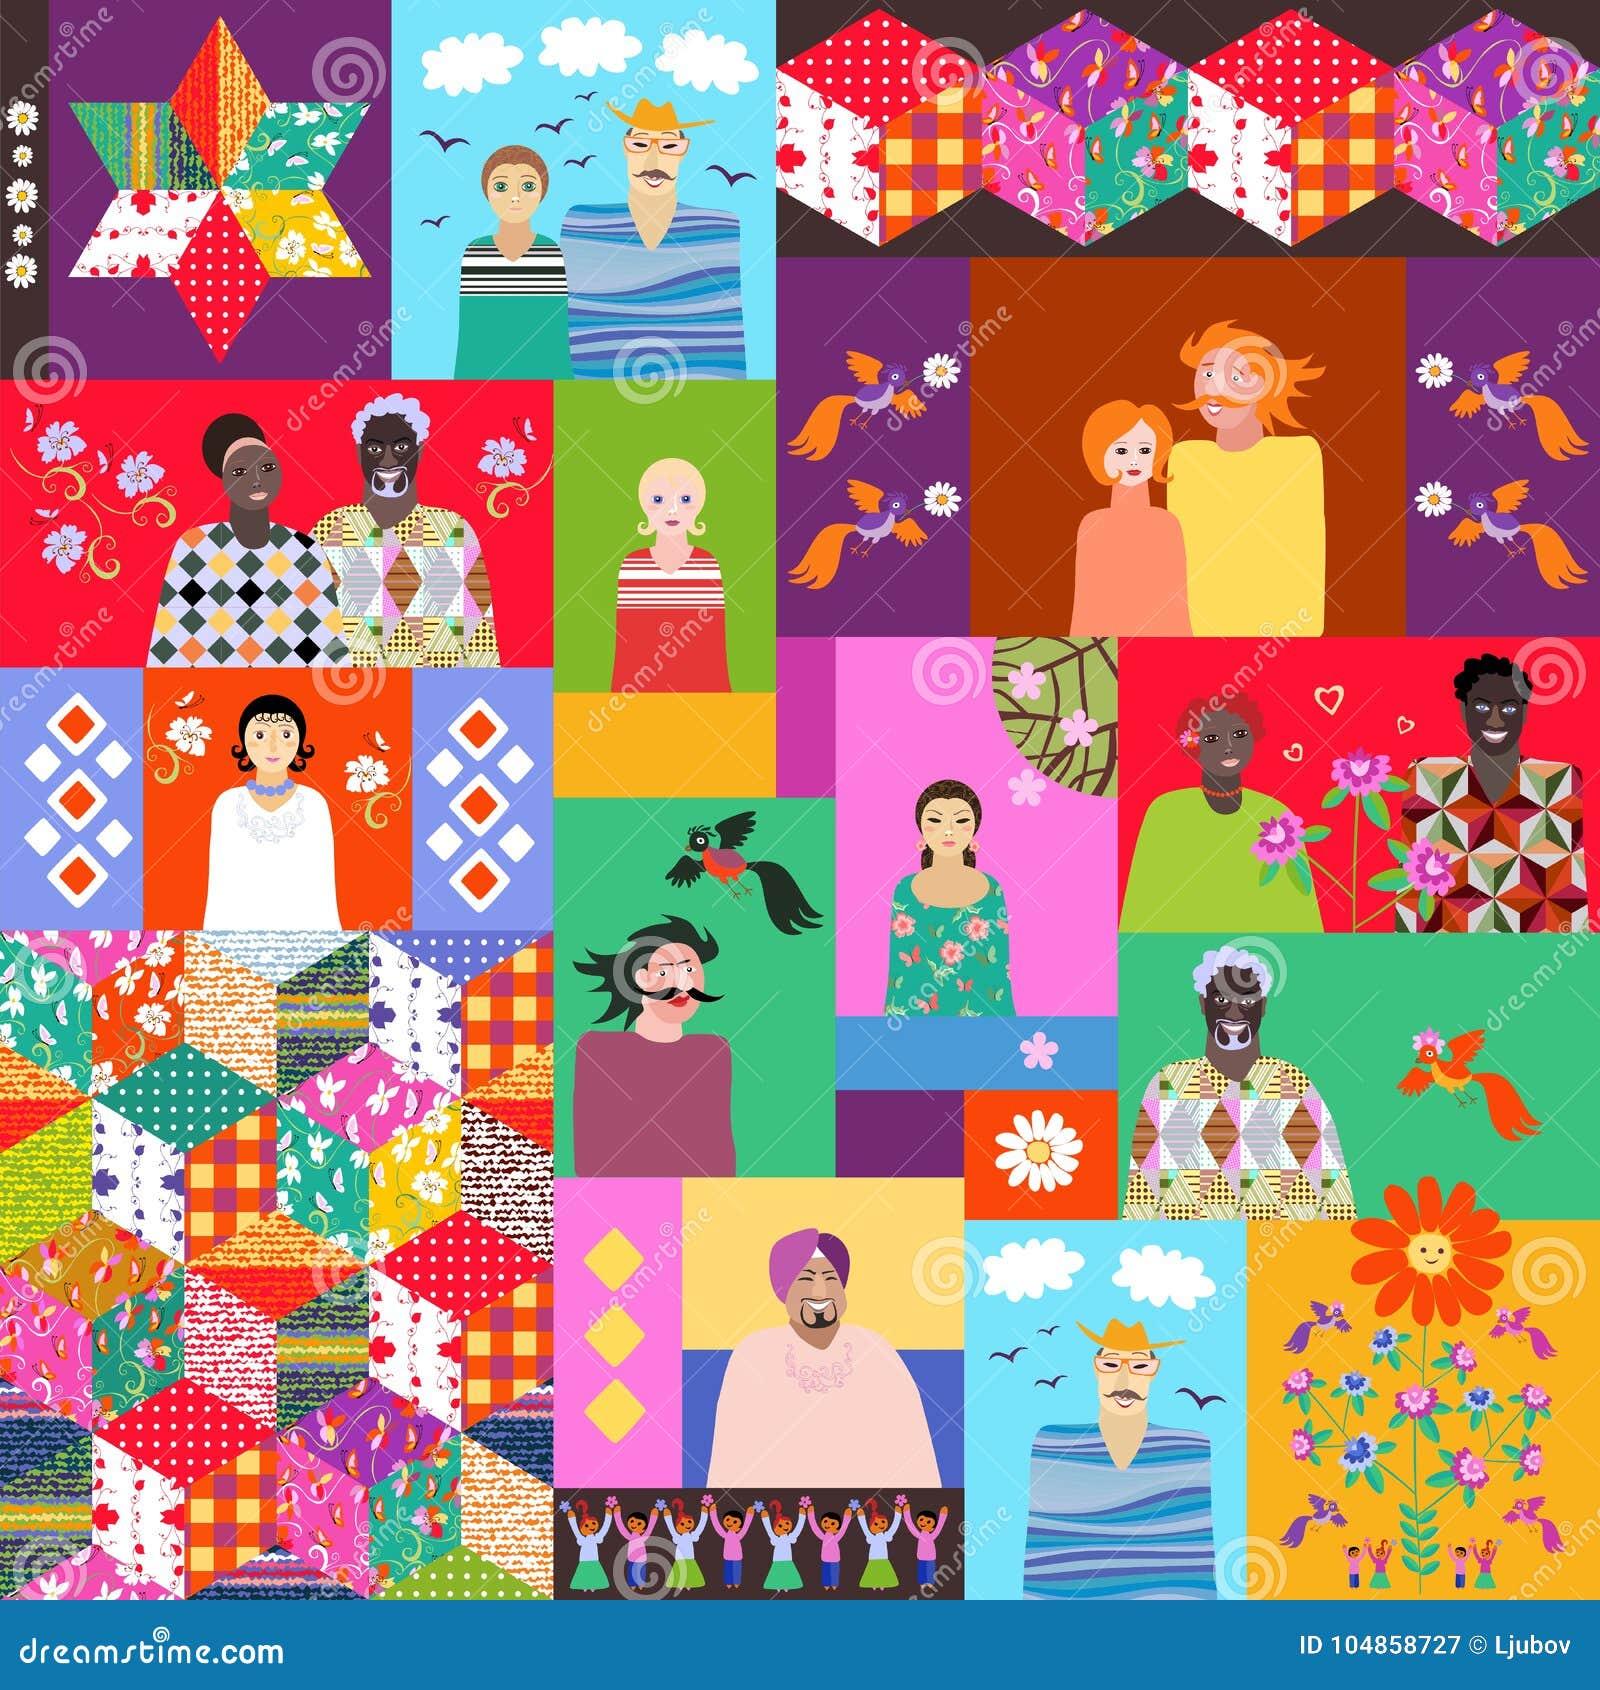 Trapunta multicolore con la gente sveglia del fumetto delle età e corse differenti, fiori, uccelli e modello della rappezzatura